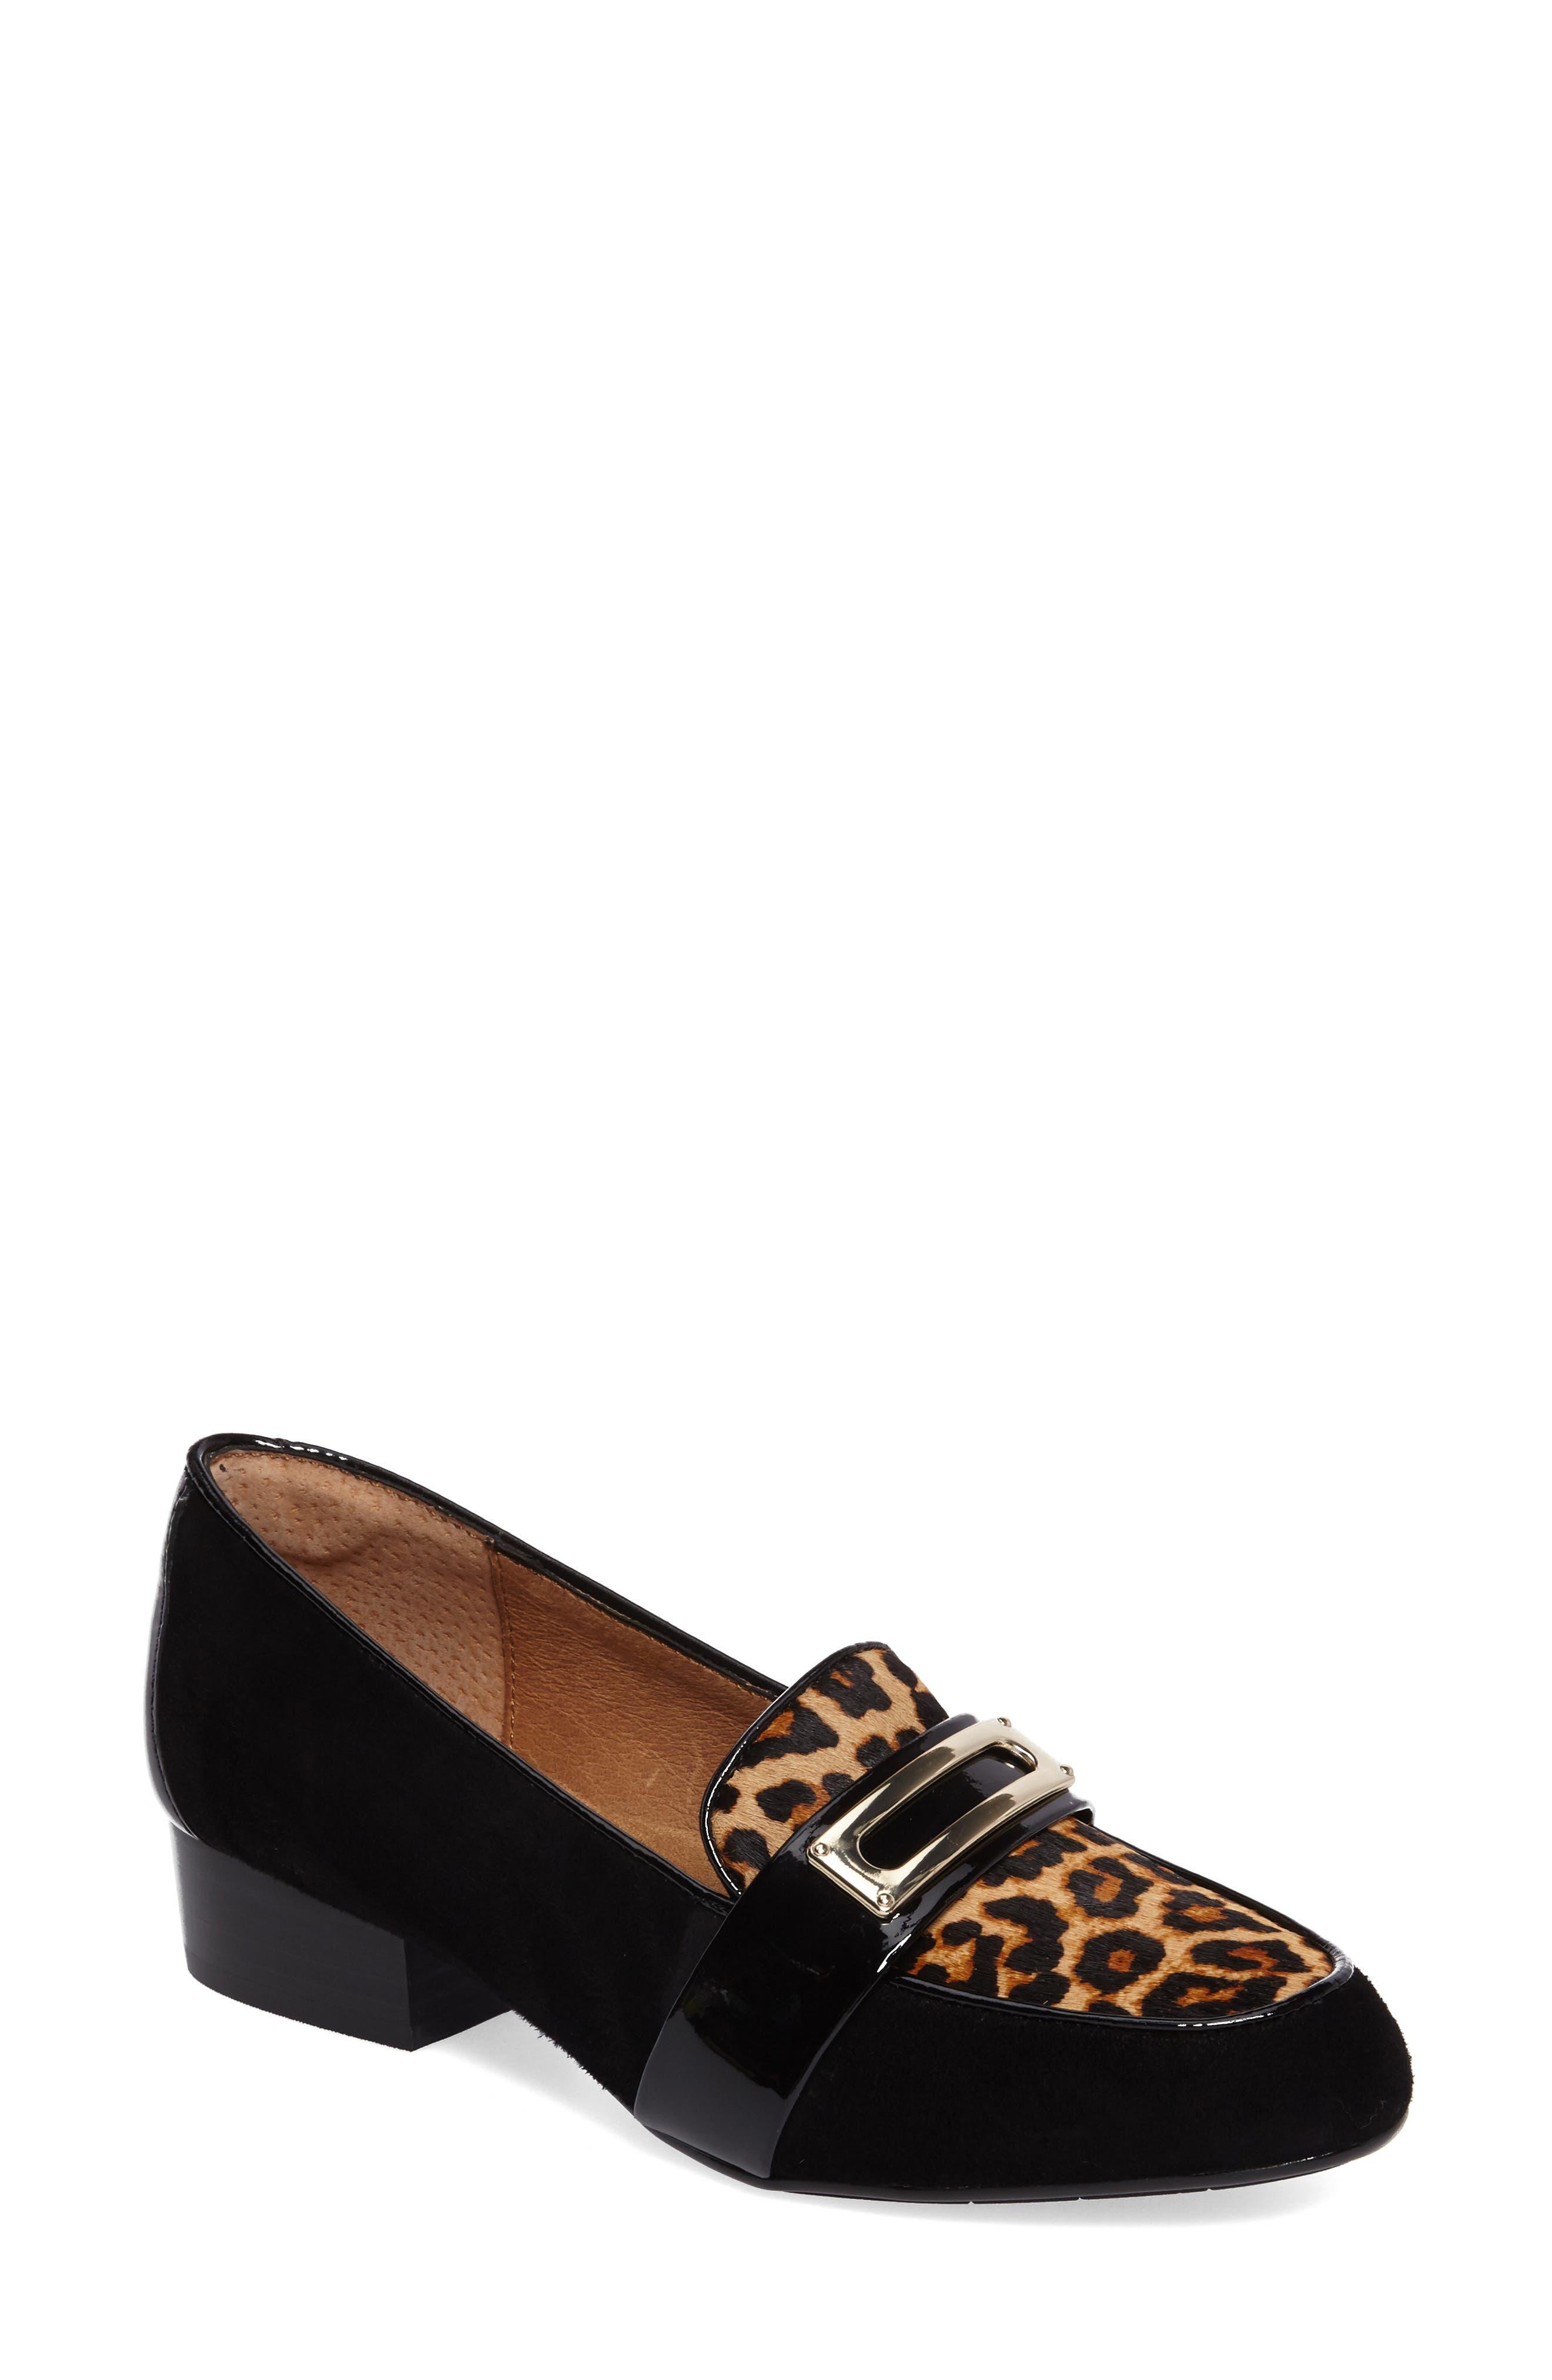 Alternate Image 1 Selected - Söfft Brandis Genuine Calf Hair Loafer (Women)